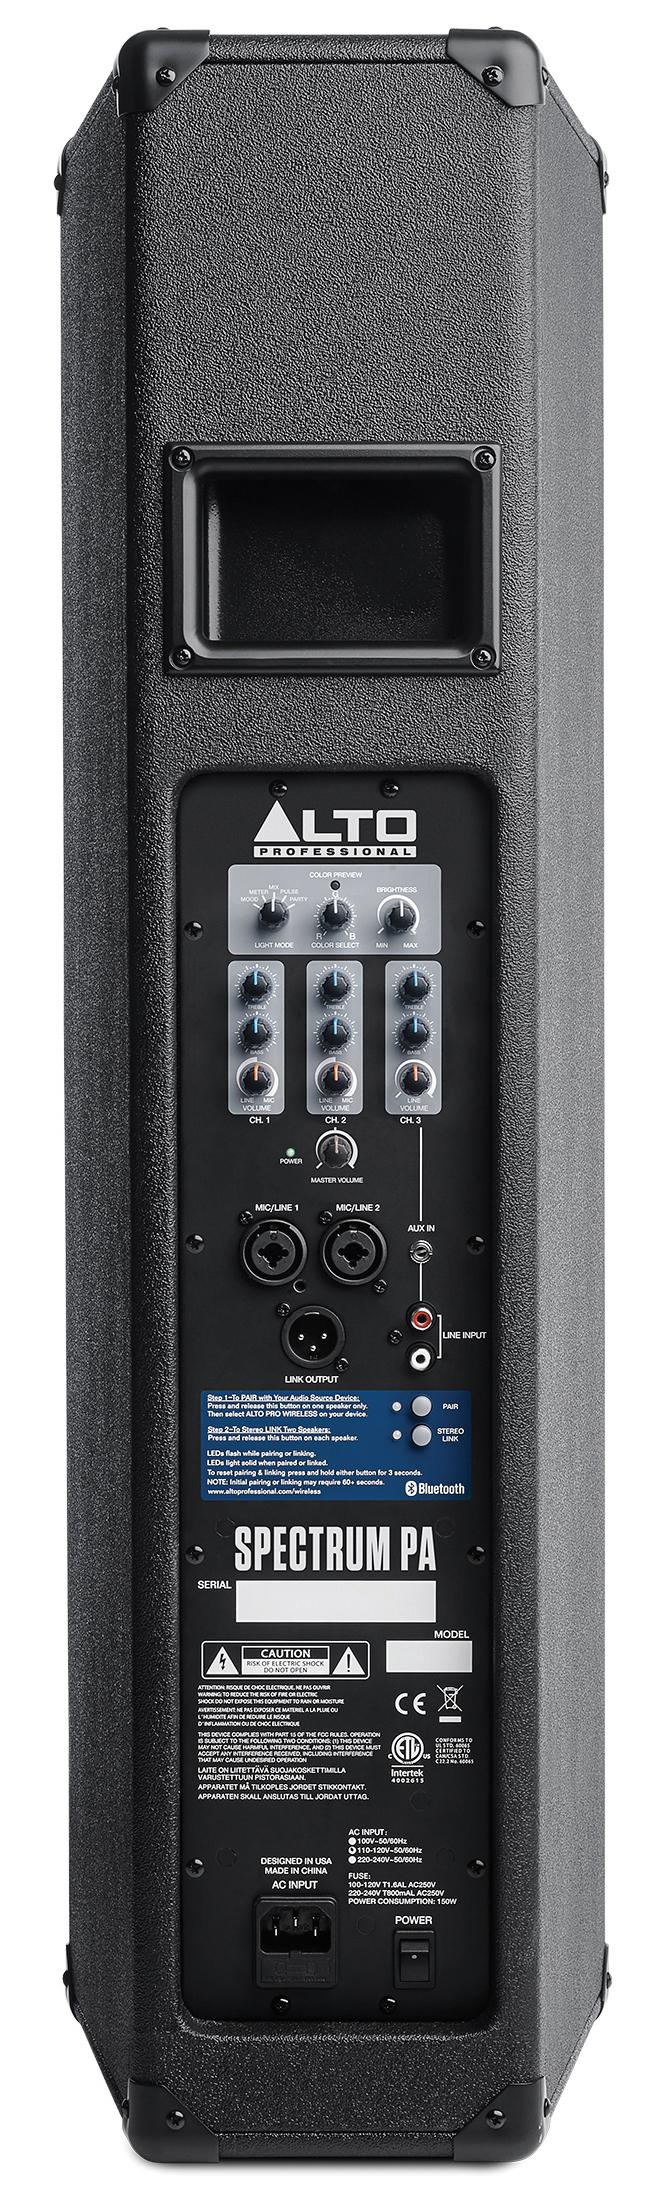 ALTO Spectrum PA aktiv 200Watt/3x6,5Zoll PA-Lautsprecher mit LED ...